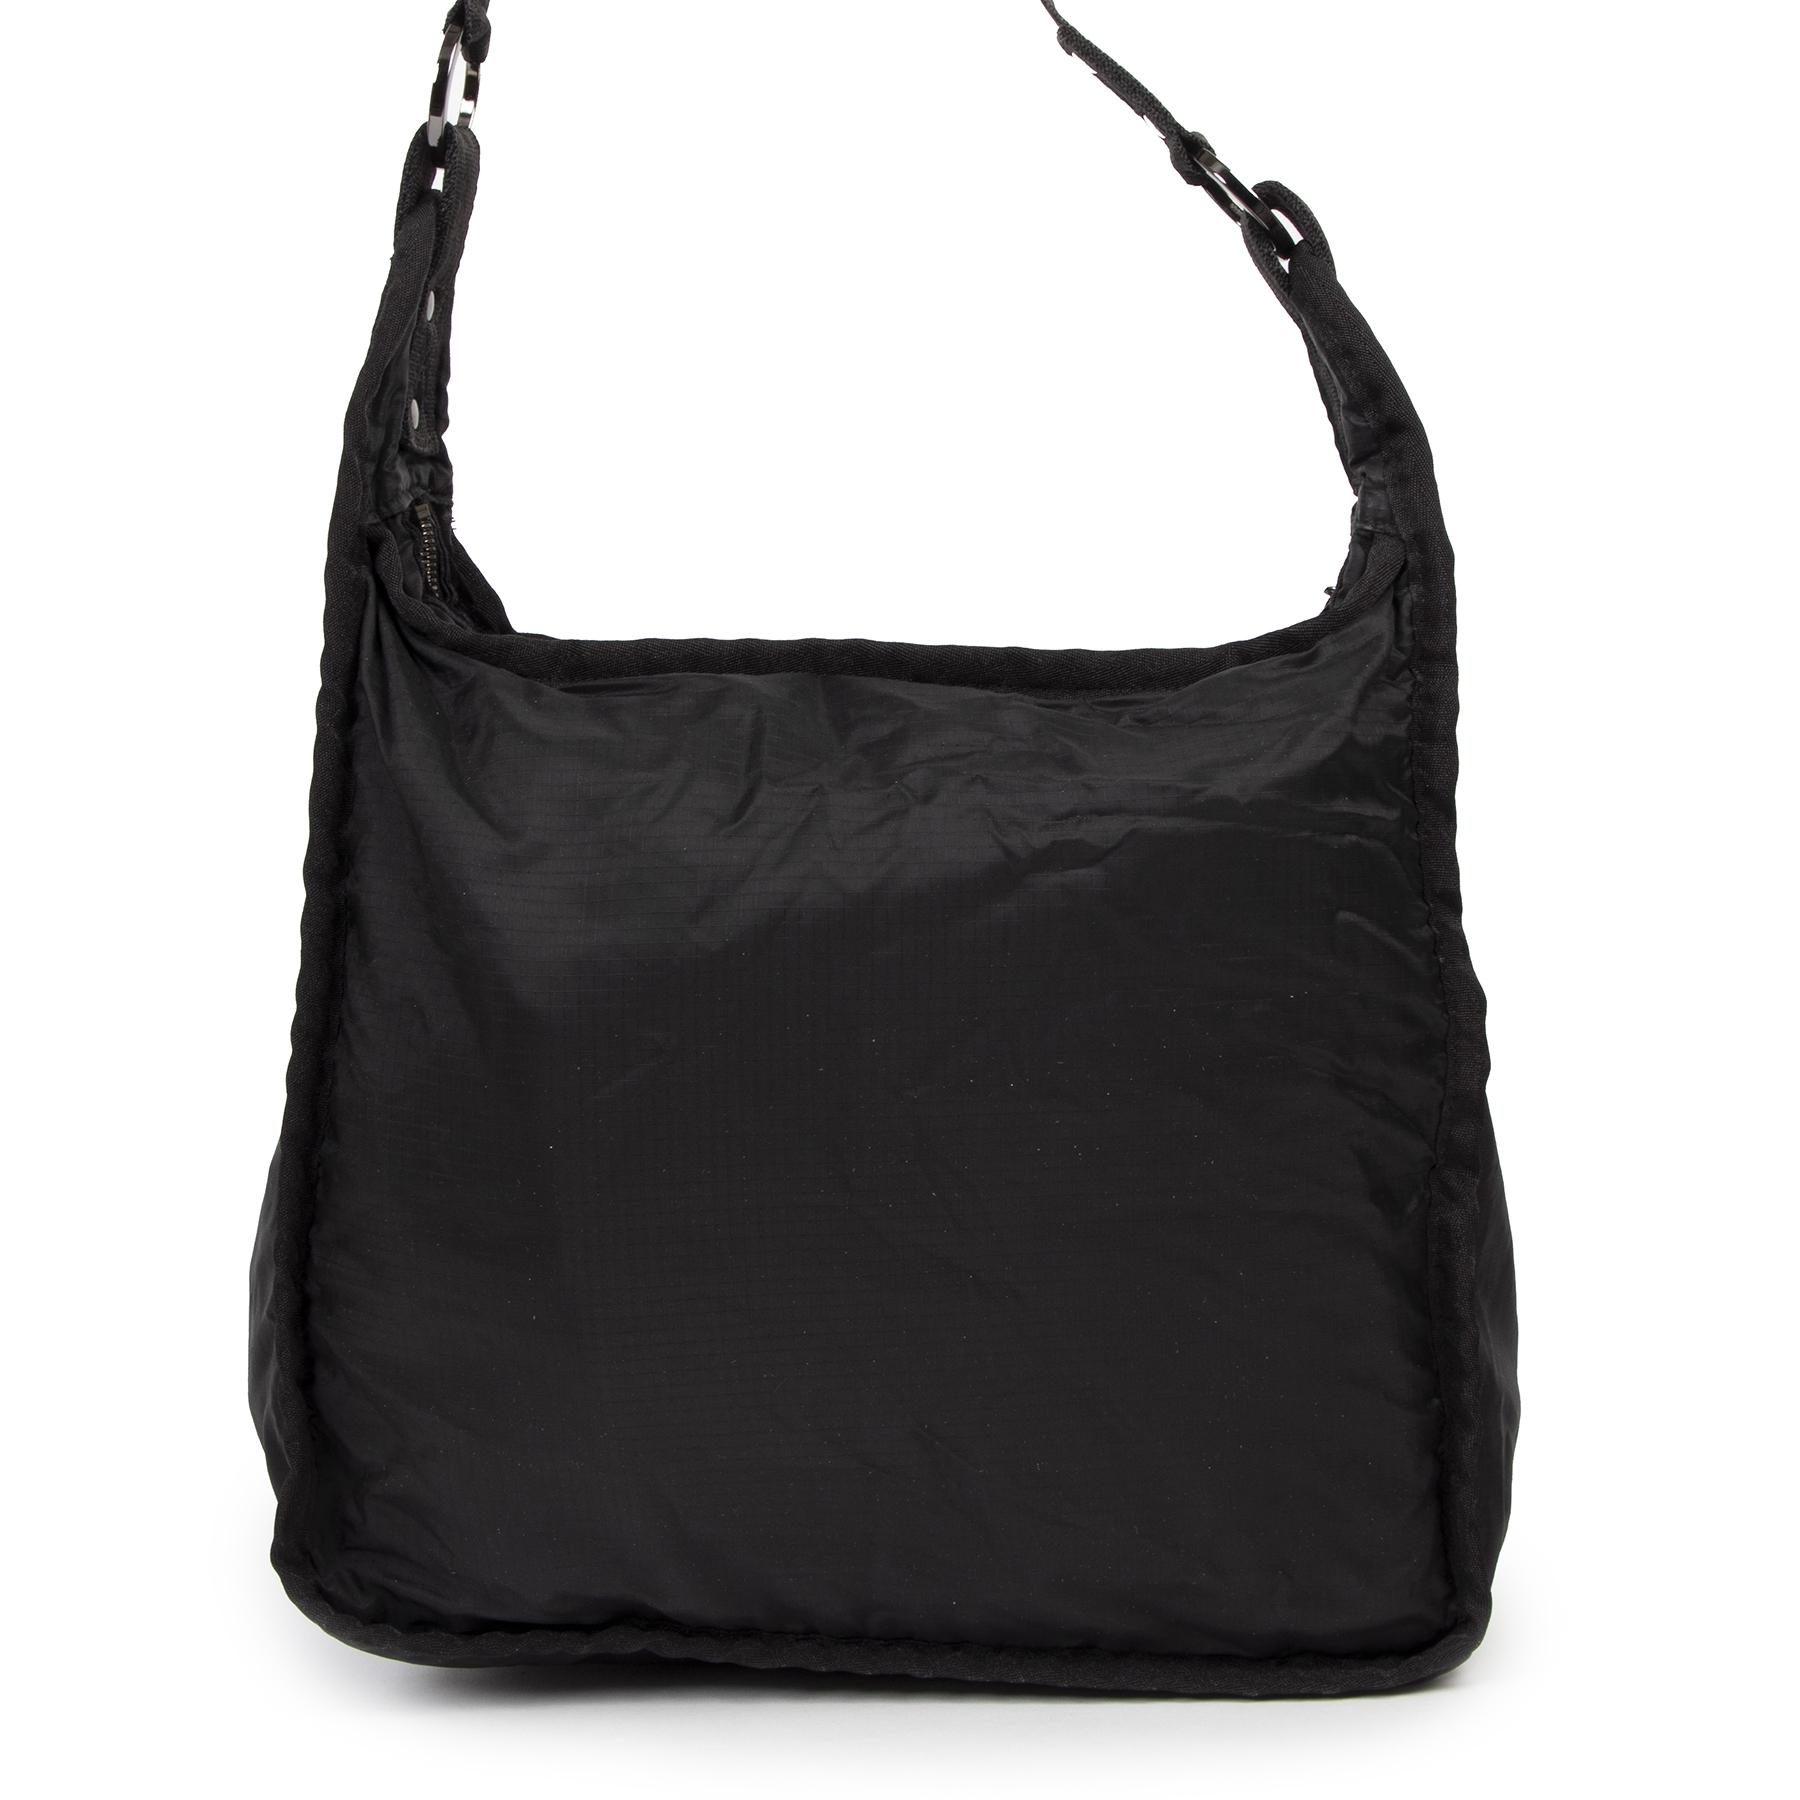 Authentic secondhand Stella McCartney Black Nylon Shoulder Bag designer bags luxury vintage webshop fashion safe secure online shopping